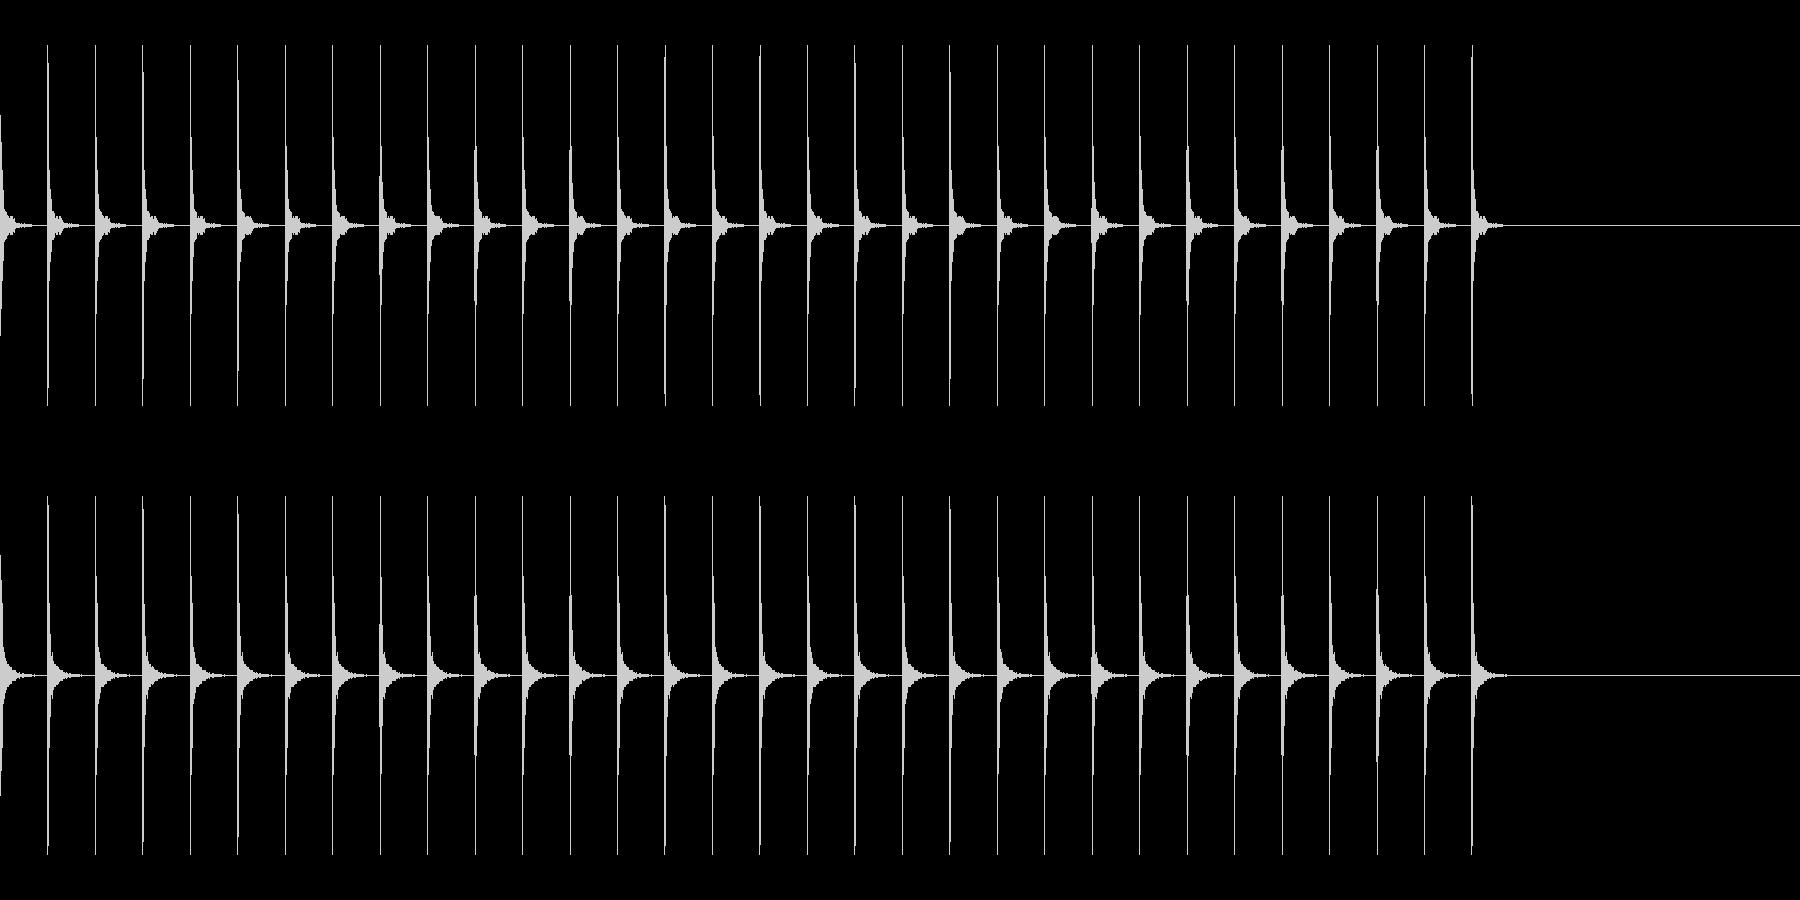 木製メトロノーム BPM208 プレストの未再生の波形